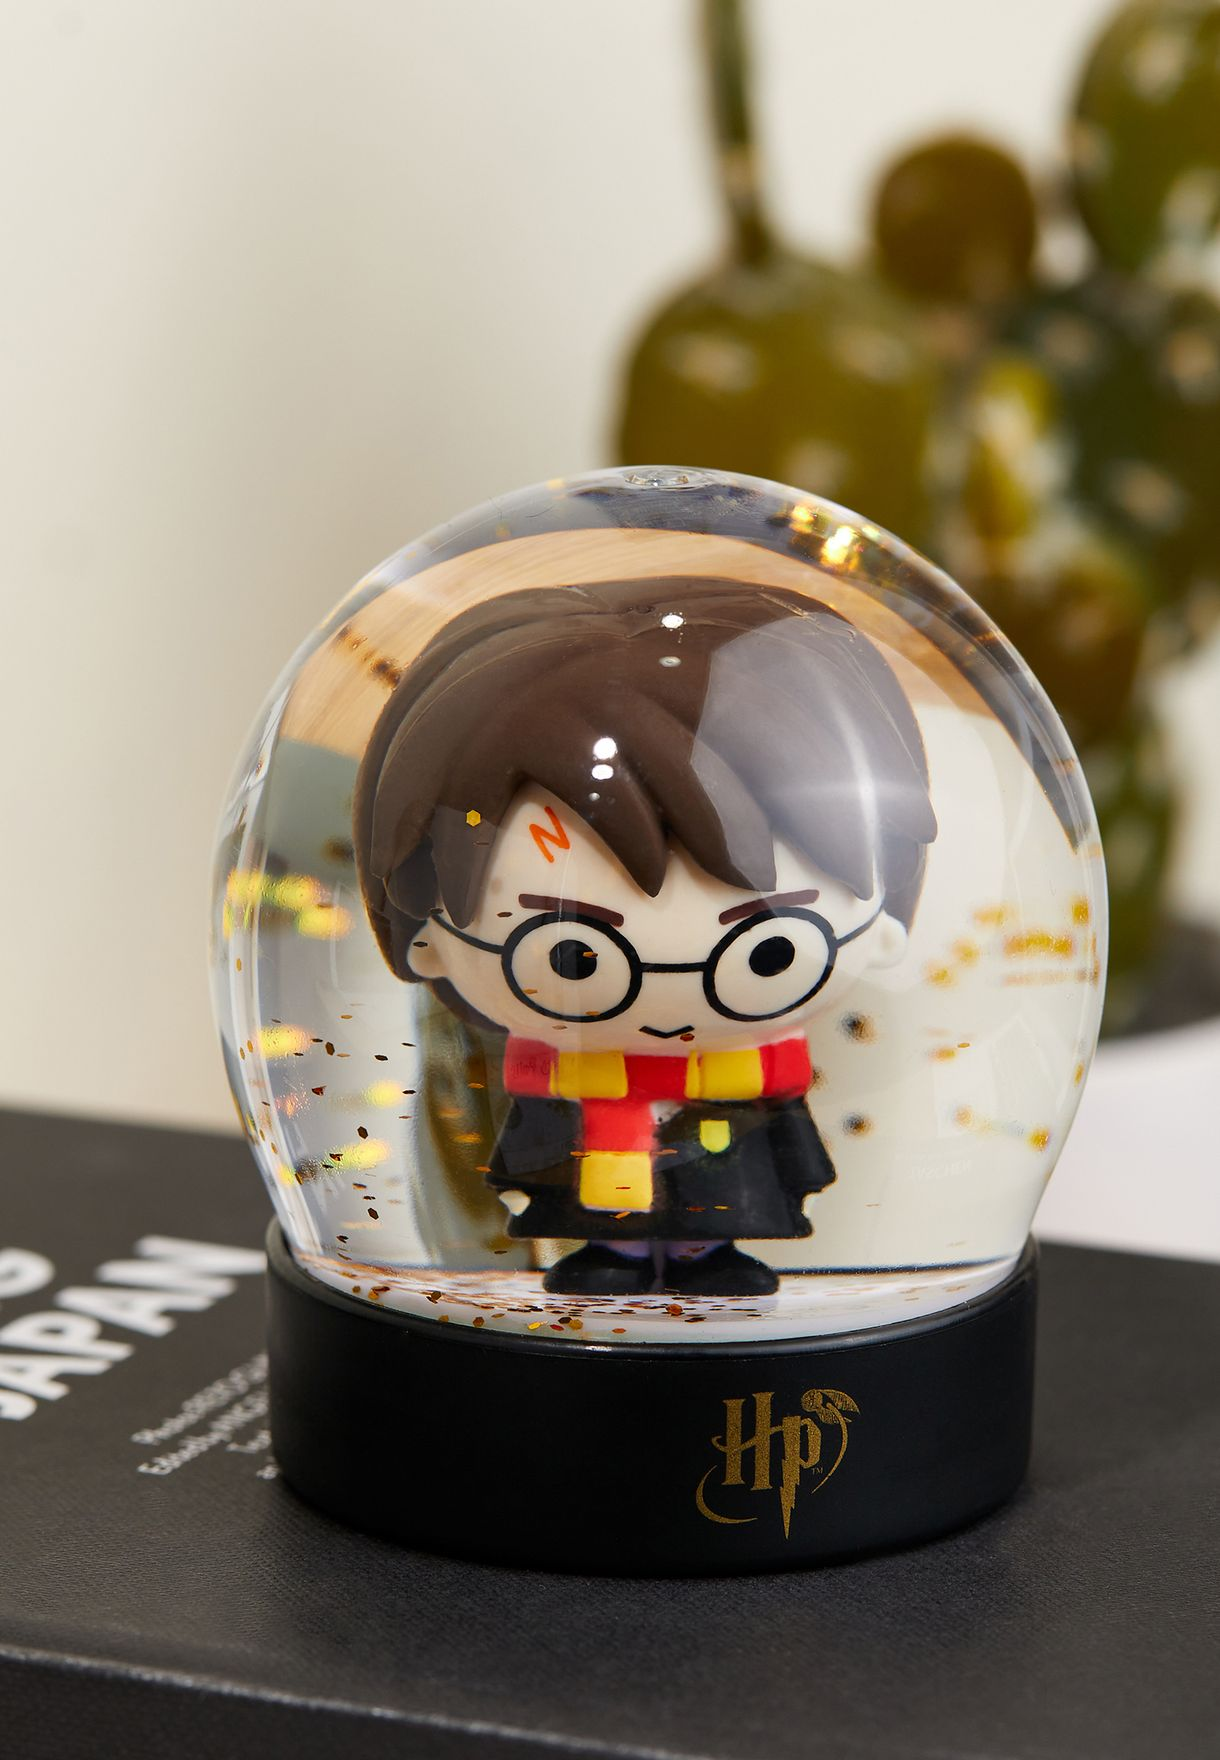 كرة ثلجية هاري بوتر